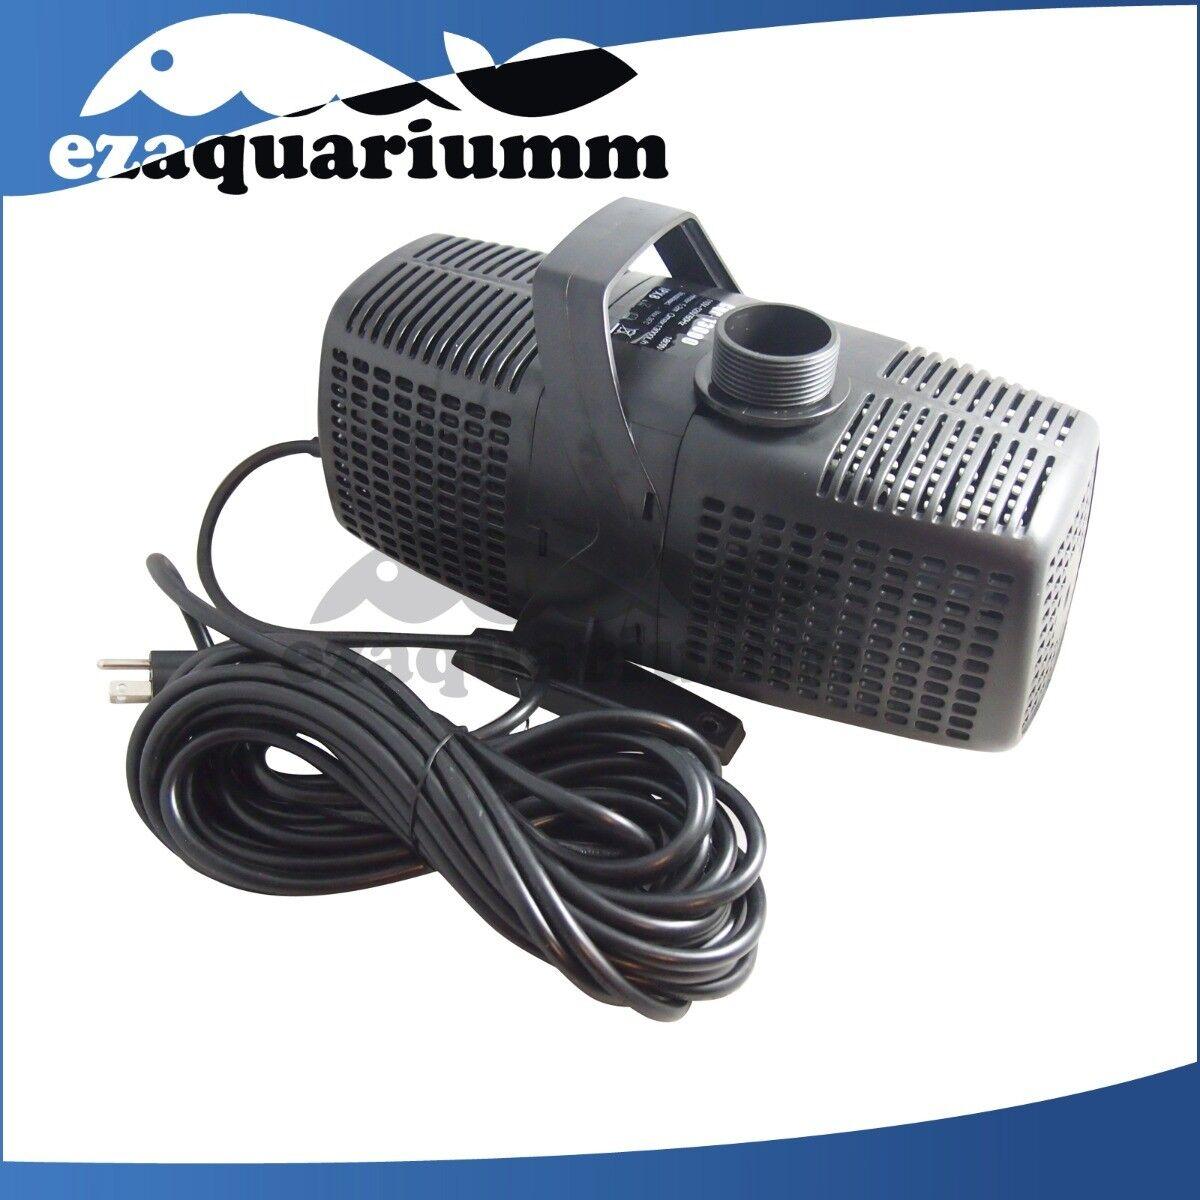 2378-4755GPH Submersible Pond Pump Aquarium Tank Inline Fountain Waterfall Koi